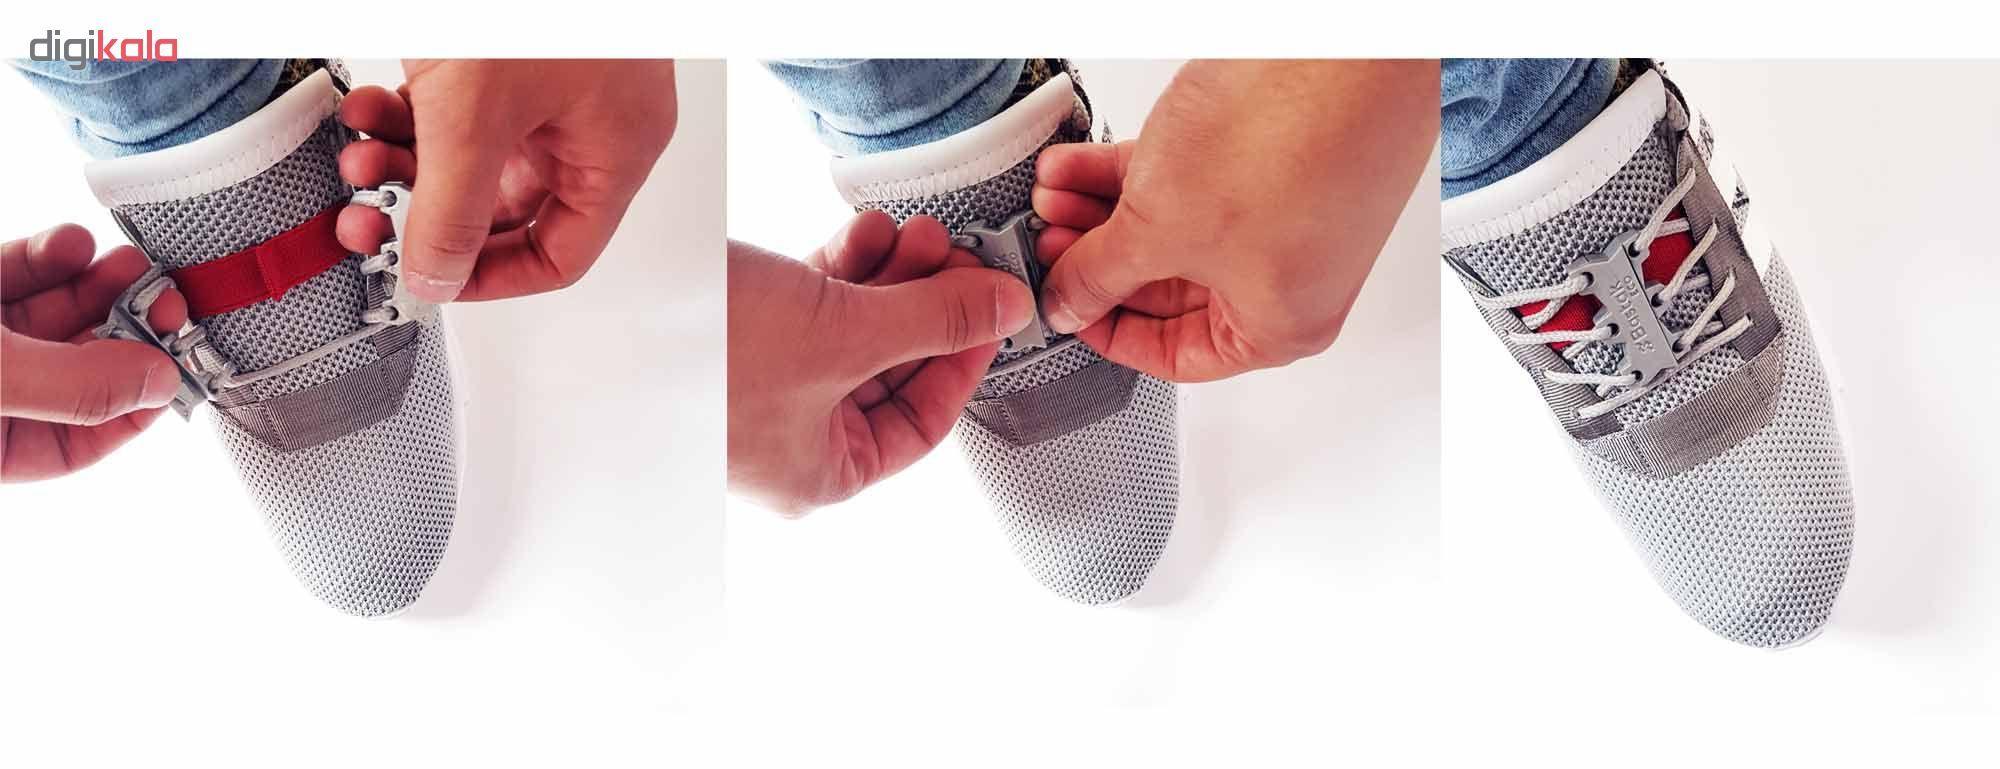 بند کفش مغناطیسی بستاک مدل اِکو E111 رنگ مشکی main 1 17